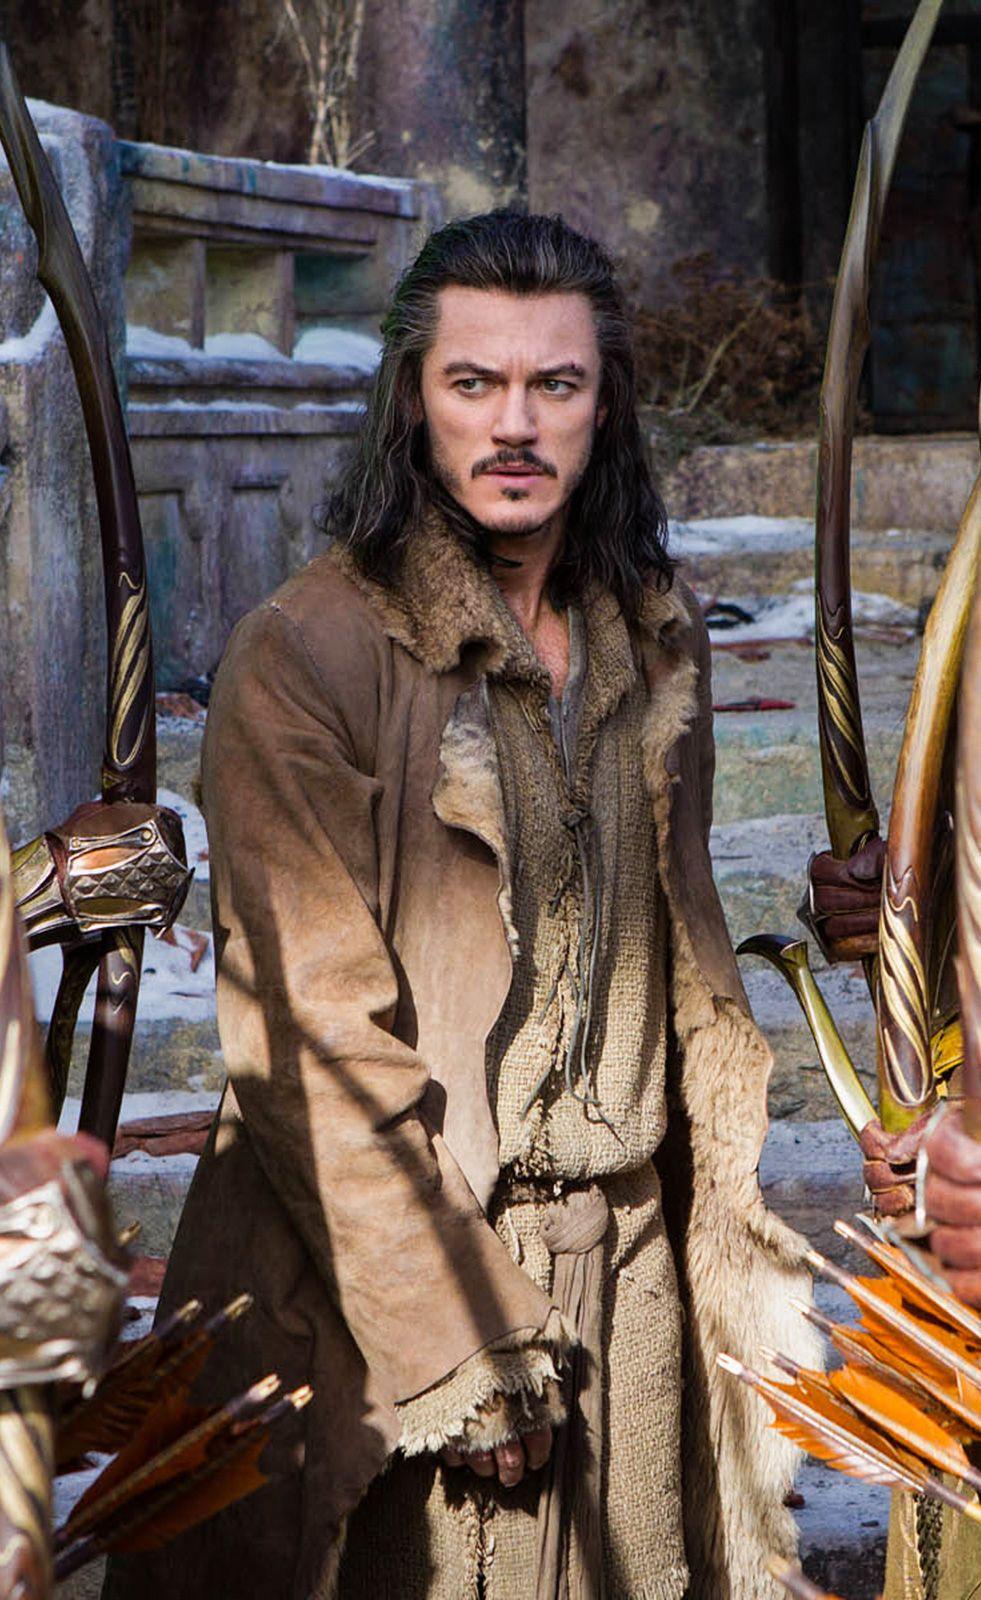 Luke Evans in The Hobbit | Luke evans, The hobbit, The ...